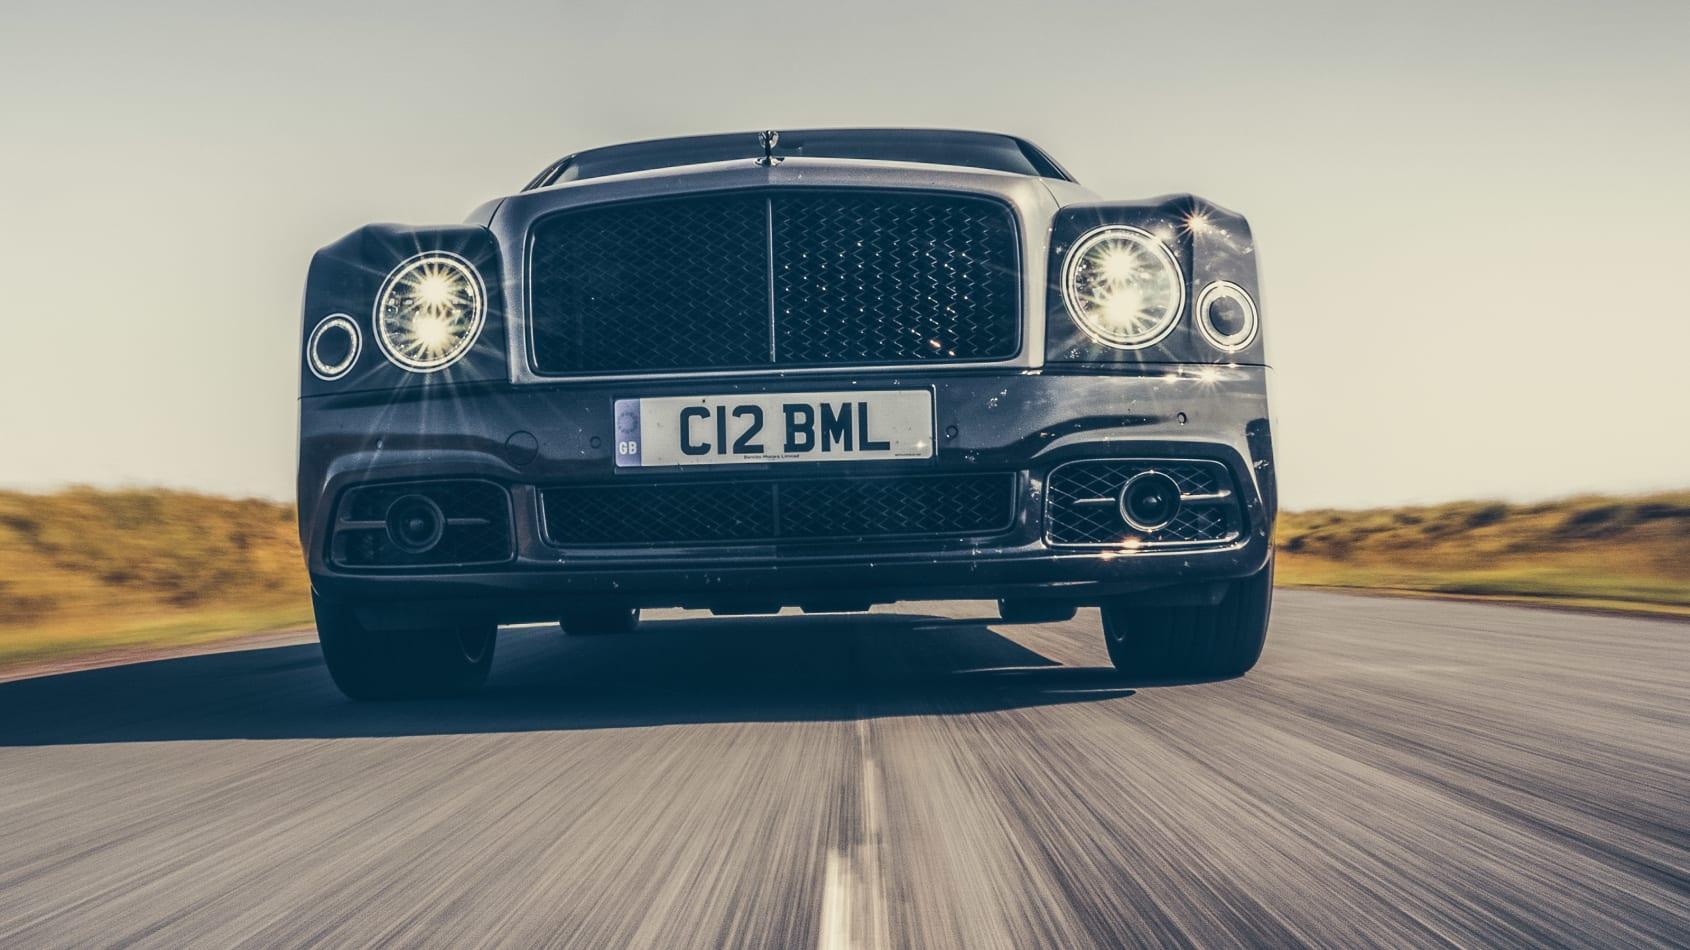 [Image: Bentley%20Mulsanne%20car%20pics%20of%20the%20week-2.jpg]